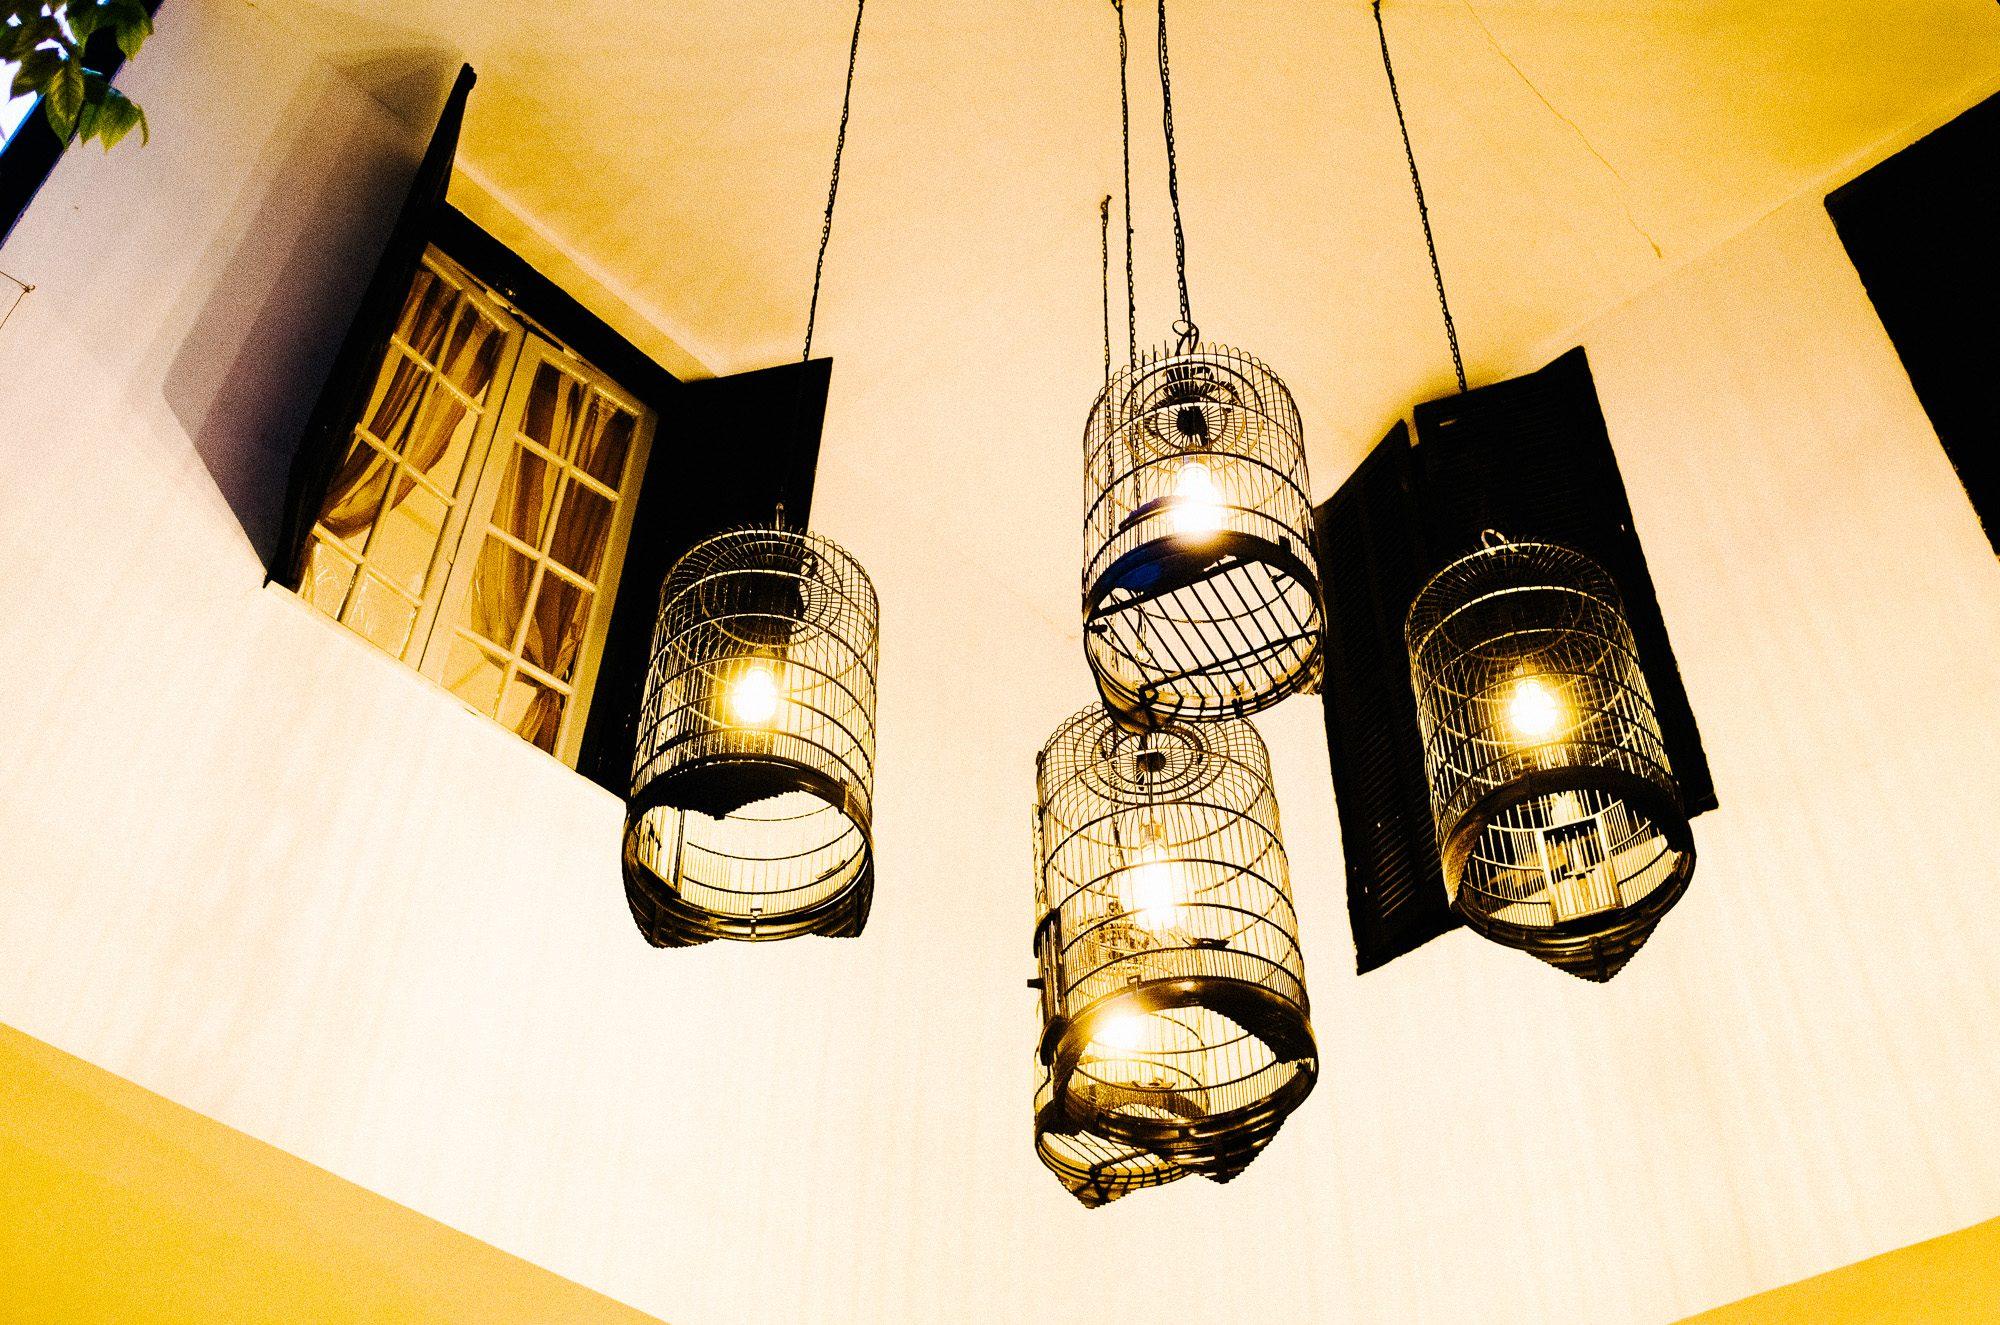 Fancy decor at La Badiane in Hanoi